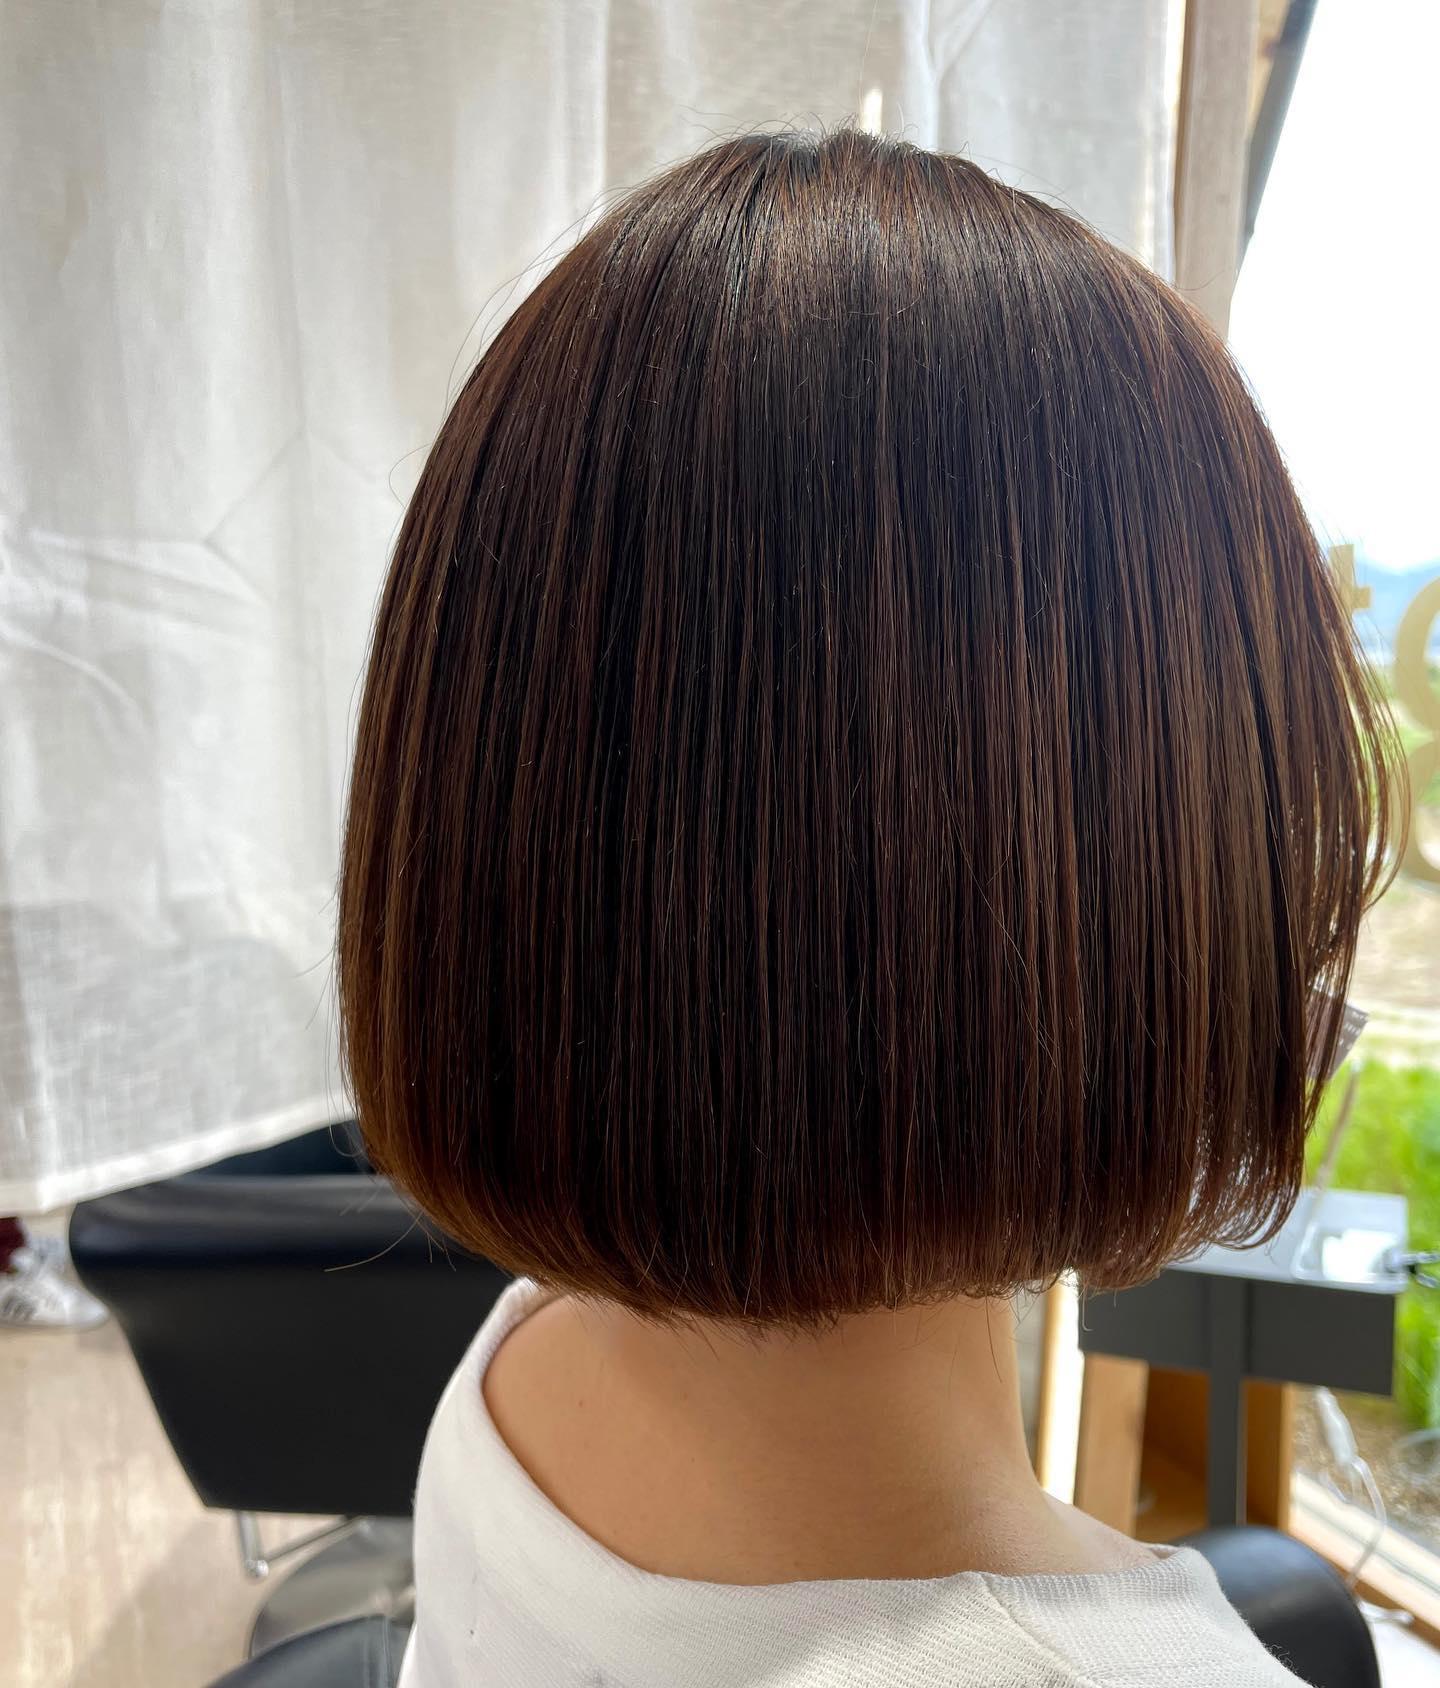 酸性ストレート乾かすだけでこの仕上がり️手触り抜群️梅雨時期にオススメ️#totti #hair #color #perm #cut #hairstyle #haircolor #hairarrange #stylist #care #carelist #aujua #イルミナカラー #headspa #treatment #美容院